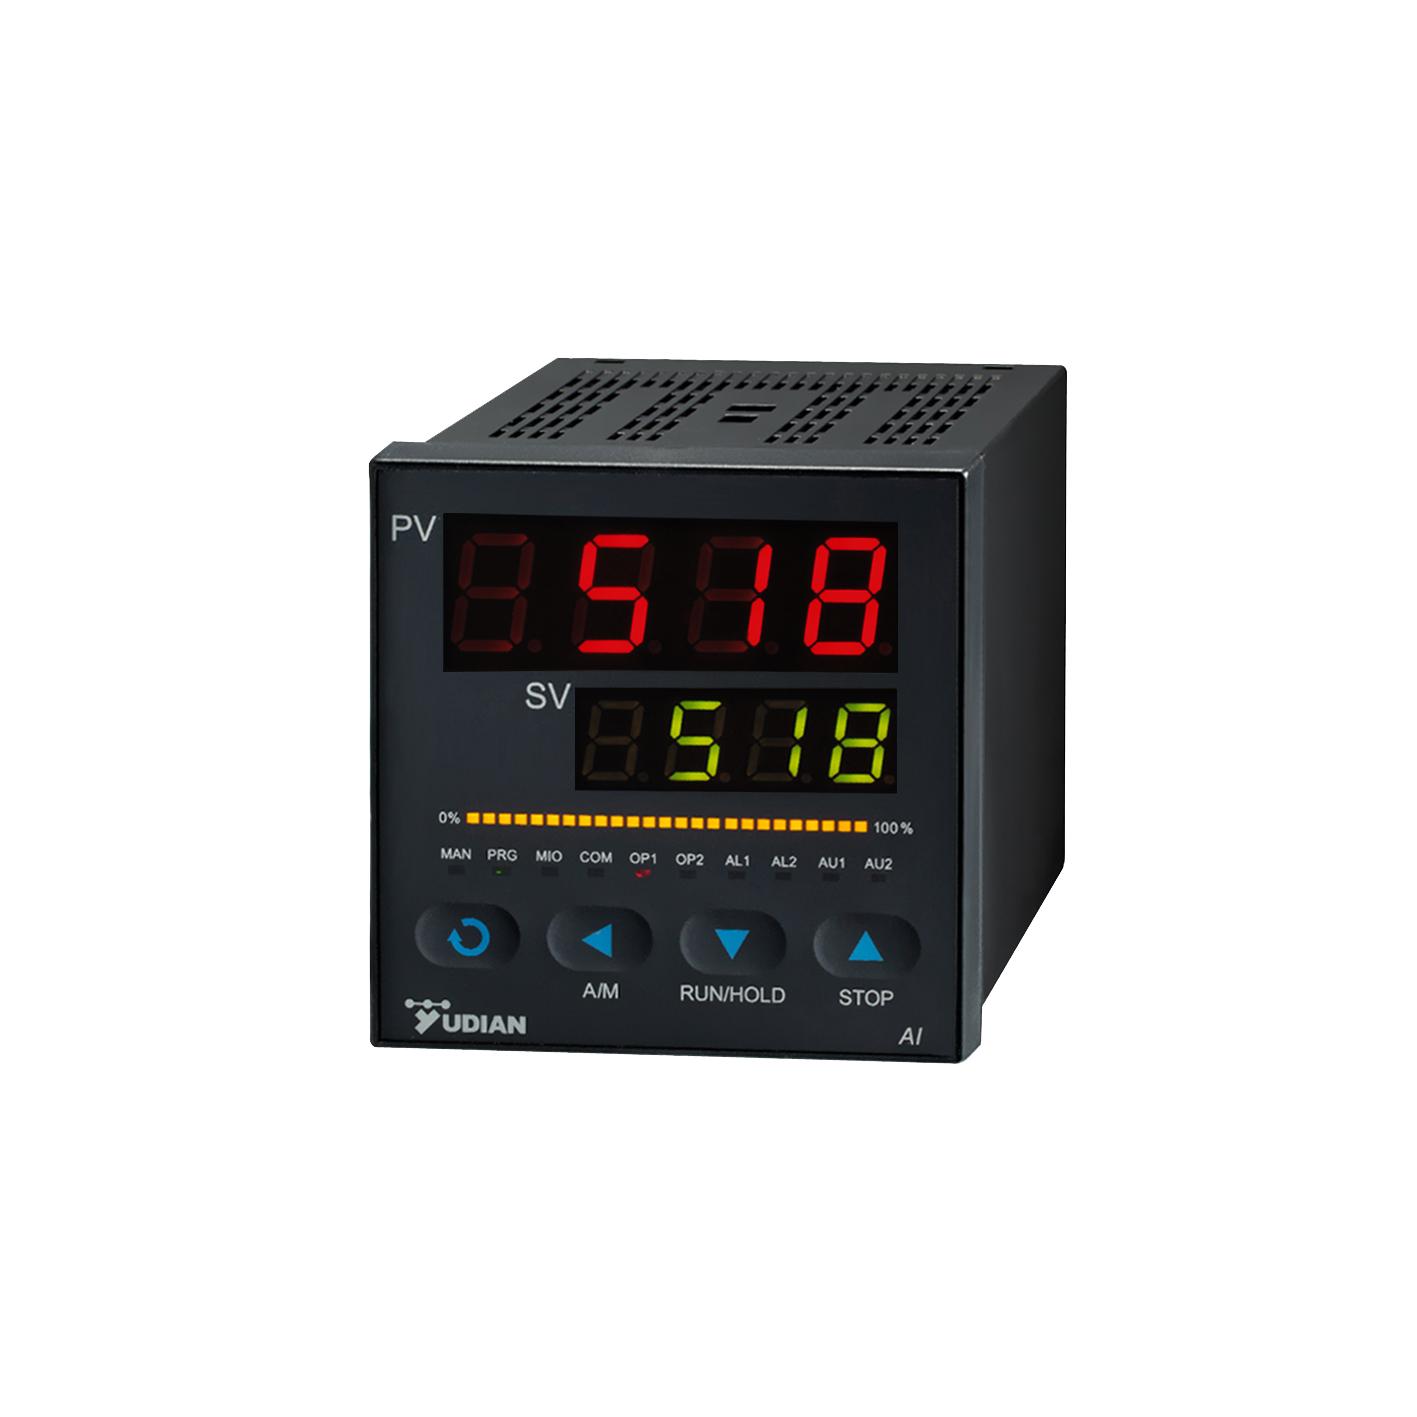 宇电AI-518P程序型人工智能温控器,温控仪表